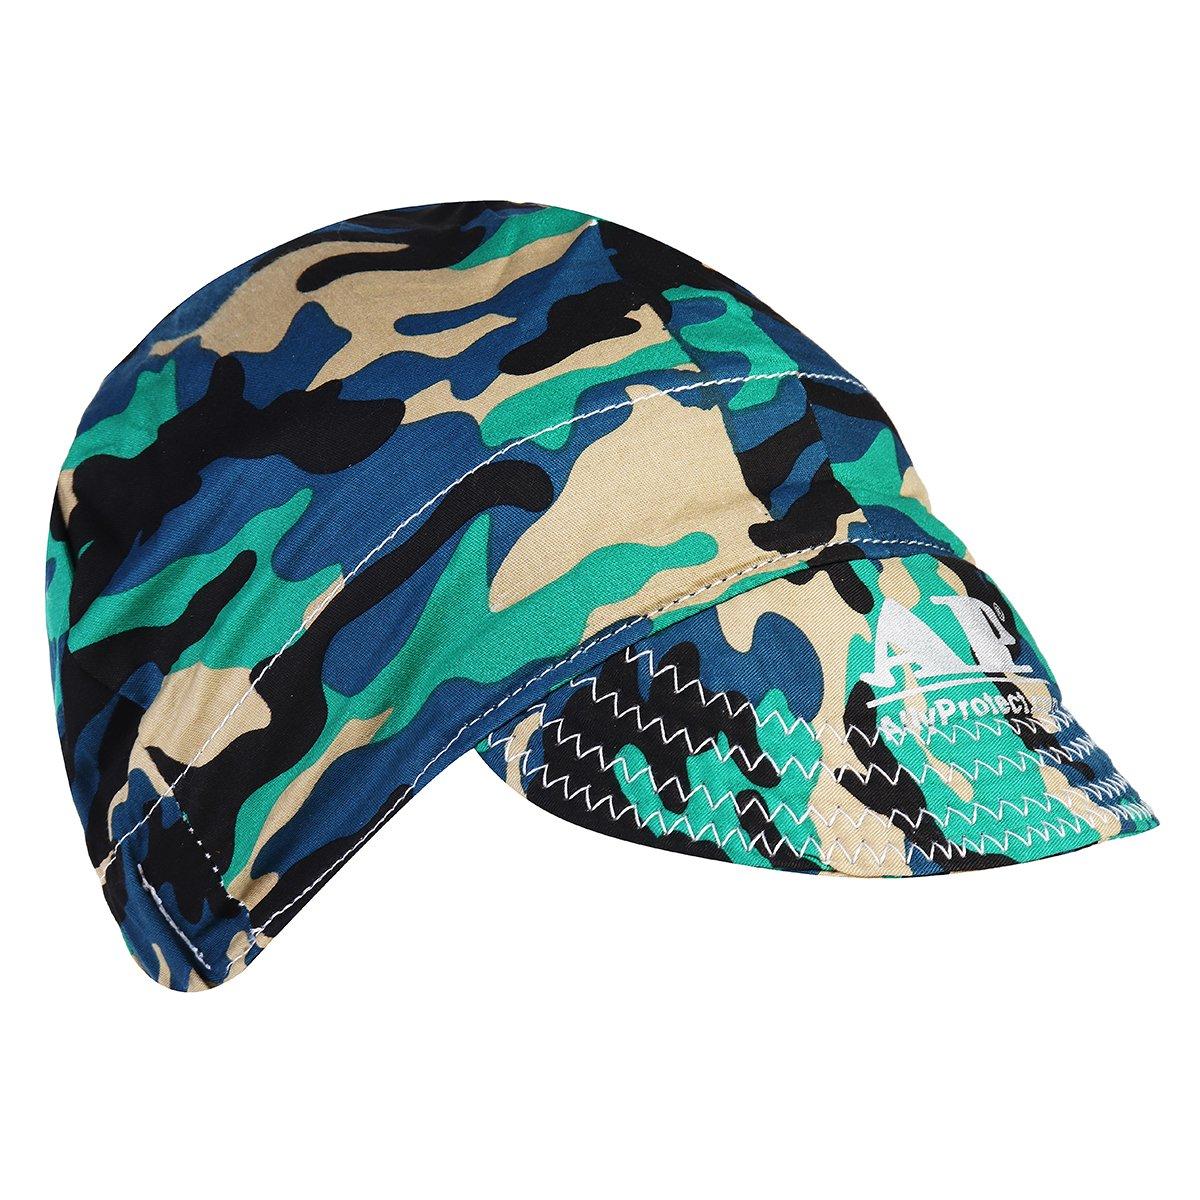 Welding Cap, SONSAN Adjustable Elastic Welding Welders Hat Cap Sweat Absorption Cotton Army Camouflage Summer - - Amazon.com